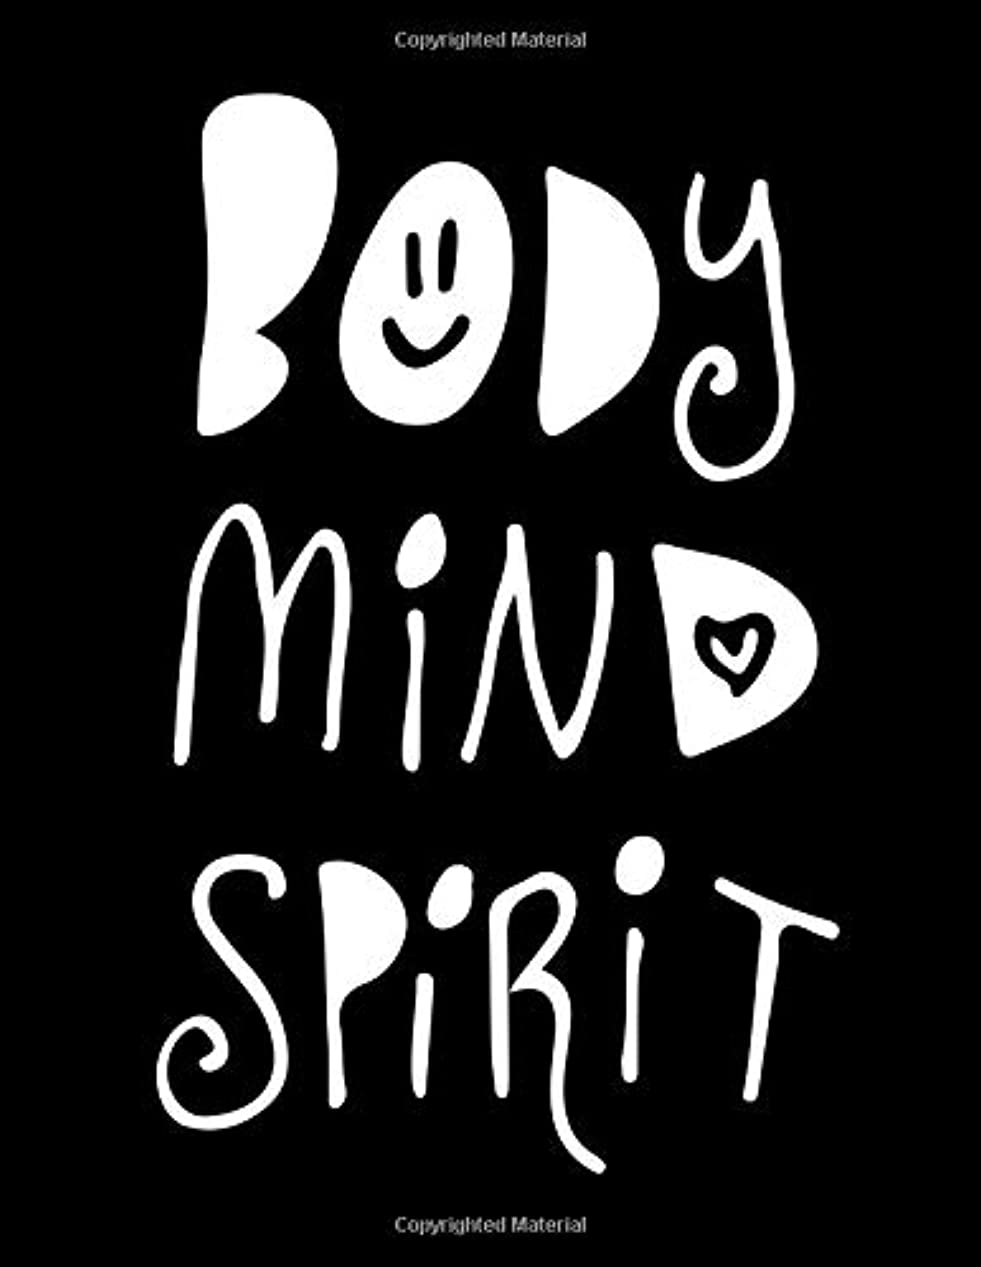 オーチャードマオリ歌詞Body Mind Spirit: The Ultimate 3 Month Daily Yoga Practice Schedule Notebook Is an 8.5X11 100 Page Journal For: Tracking Your Progress And Loves Hot Yoga, Yoga Classes At The Gym or Paddle Board Yoga.